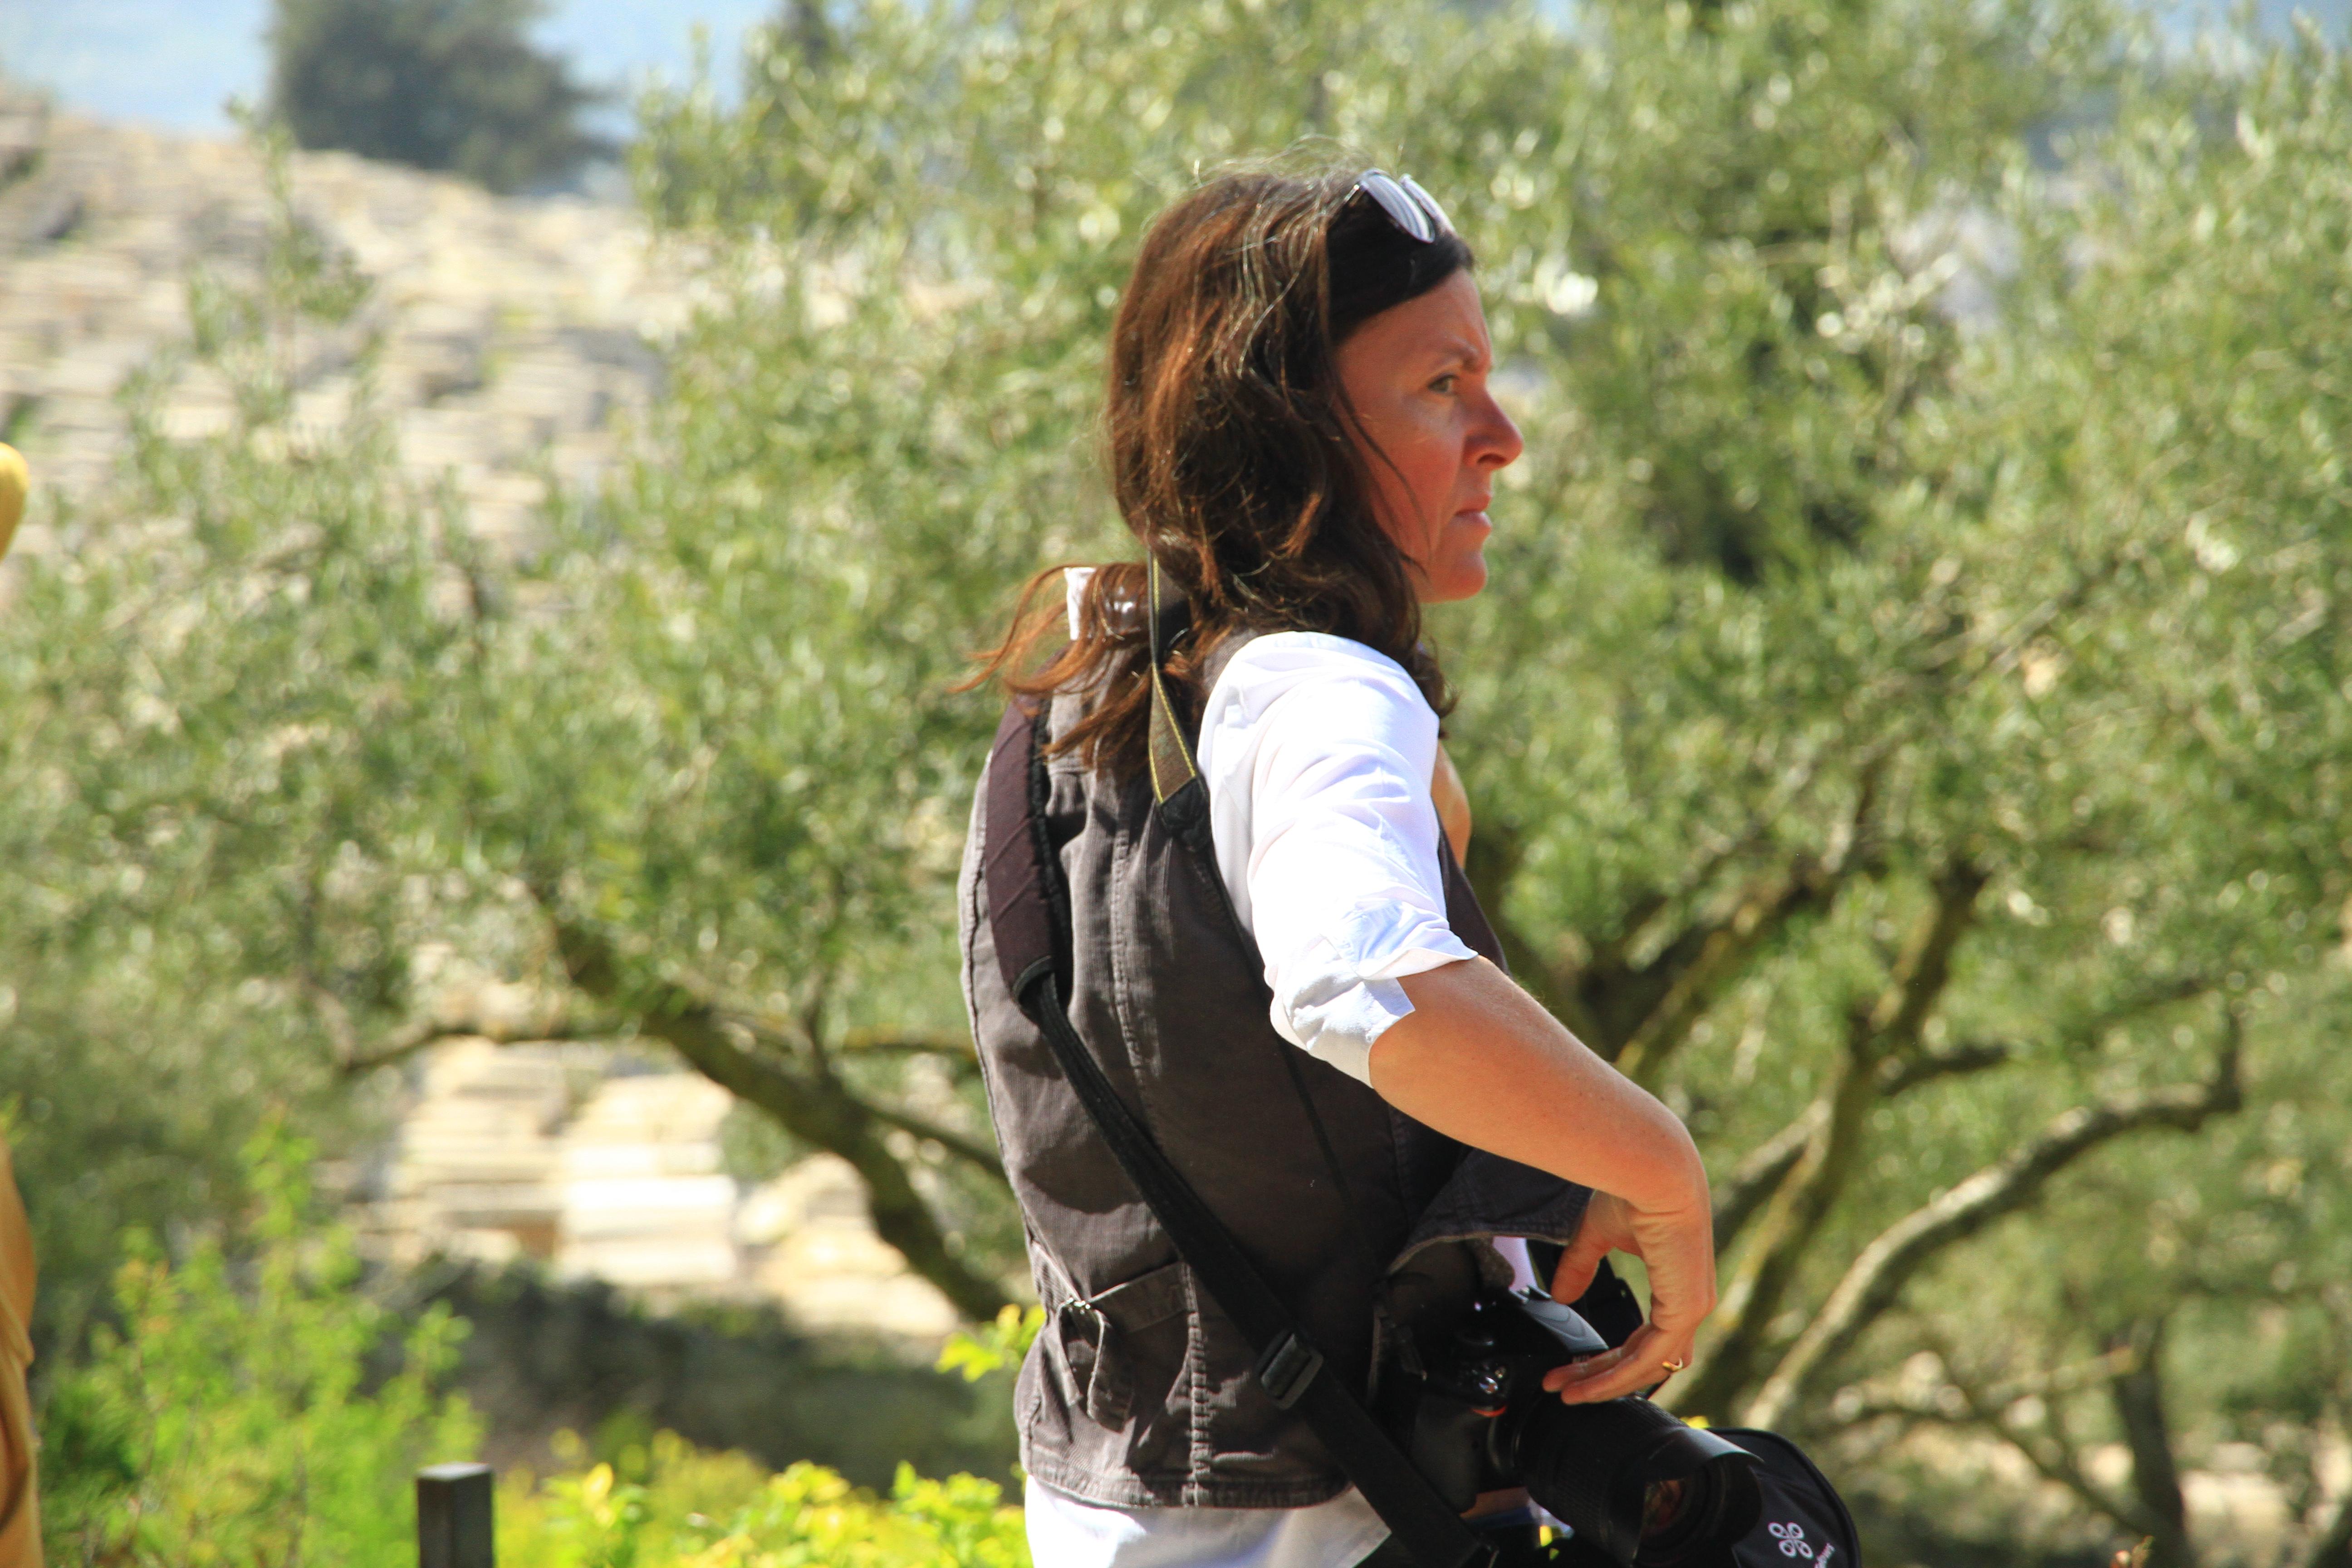 了不起--该女子腰间左右佩挂两部相机